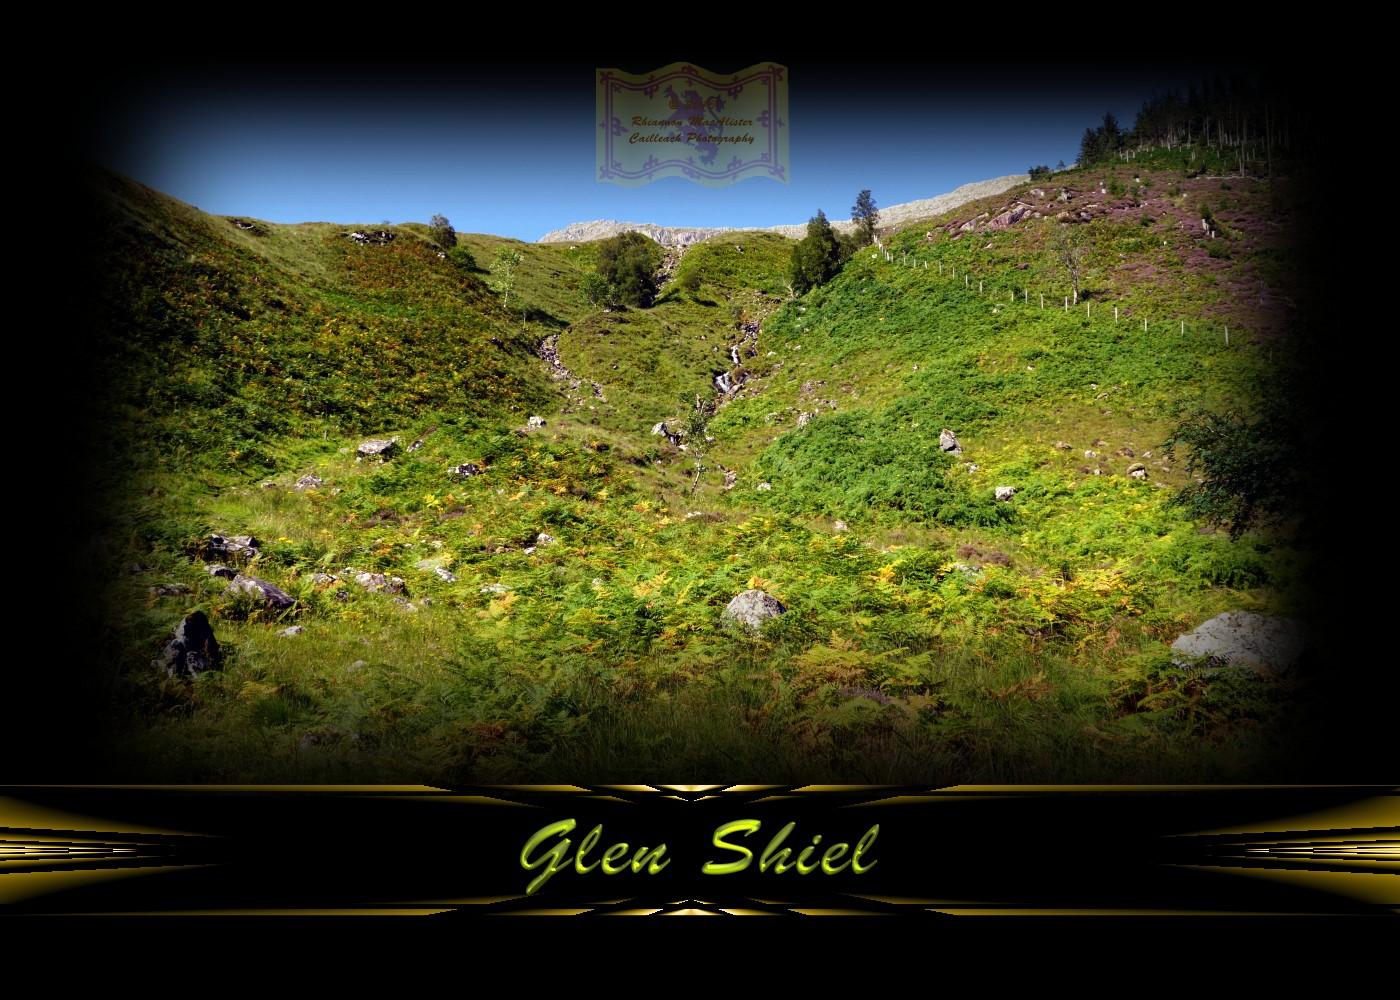 Glen Shiel